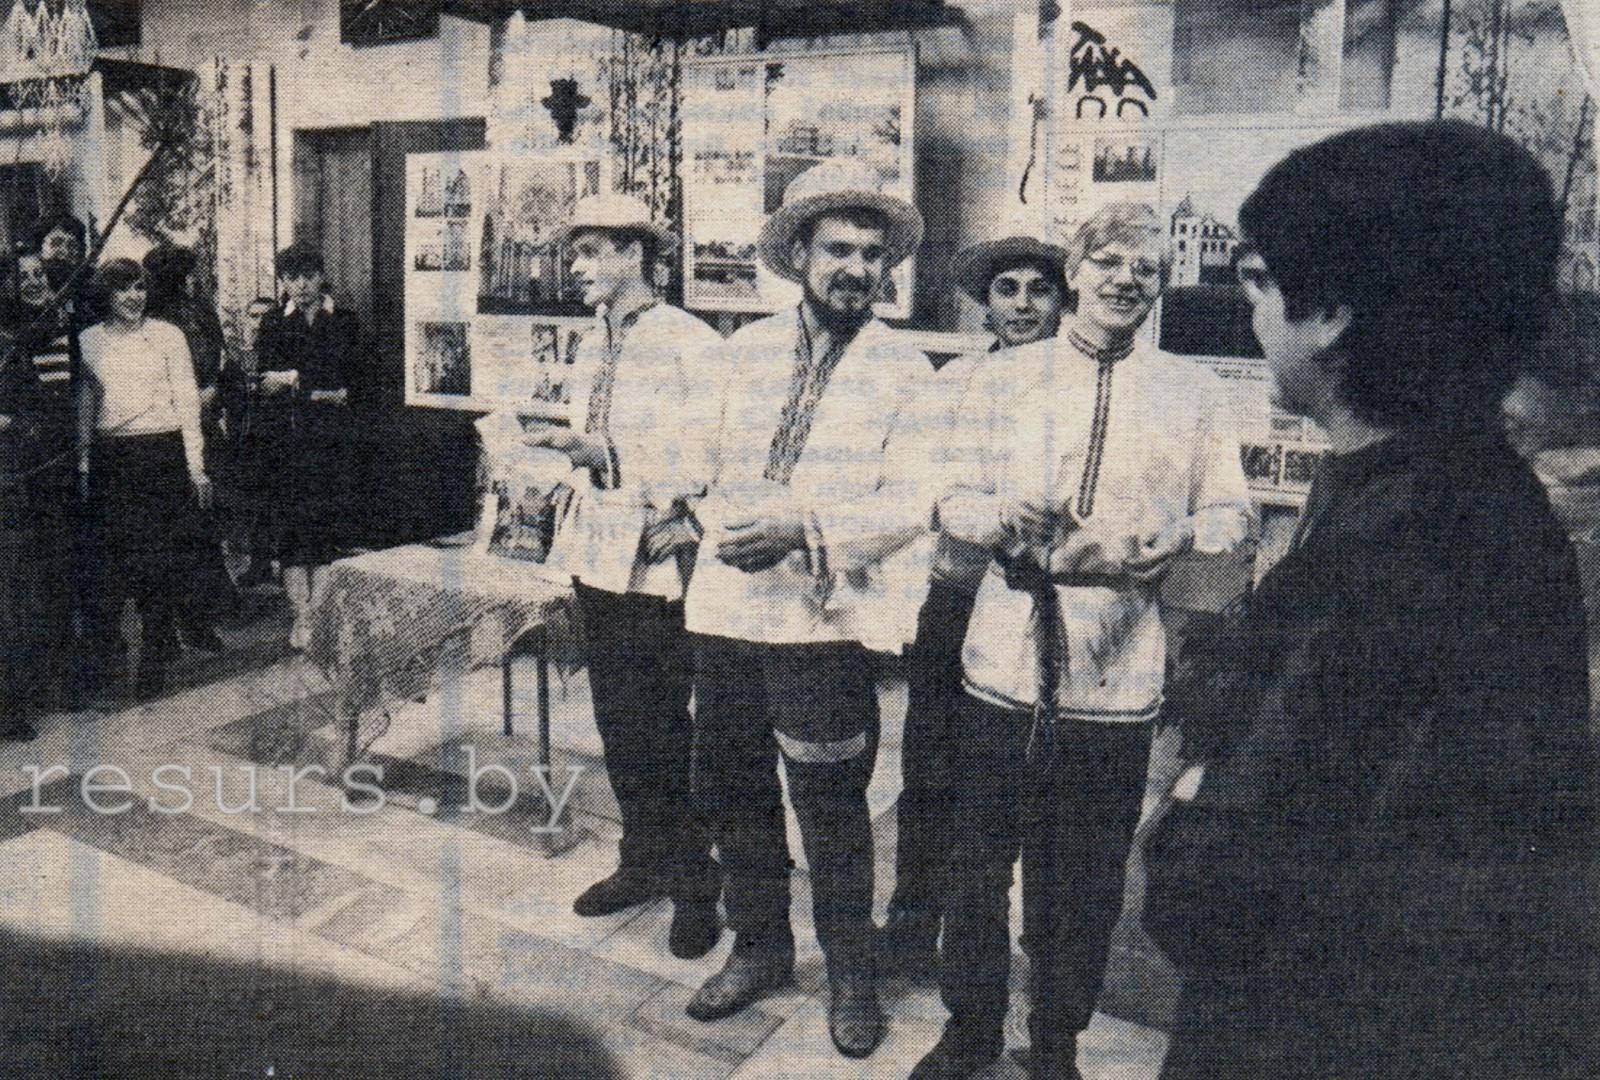 Зьлева направа: Сяржук Вітушка, Анатоль Сыс, Уладзь Бараніч, Гэнік Лойка, Віялета Ефіменка.